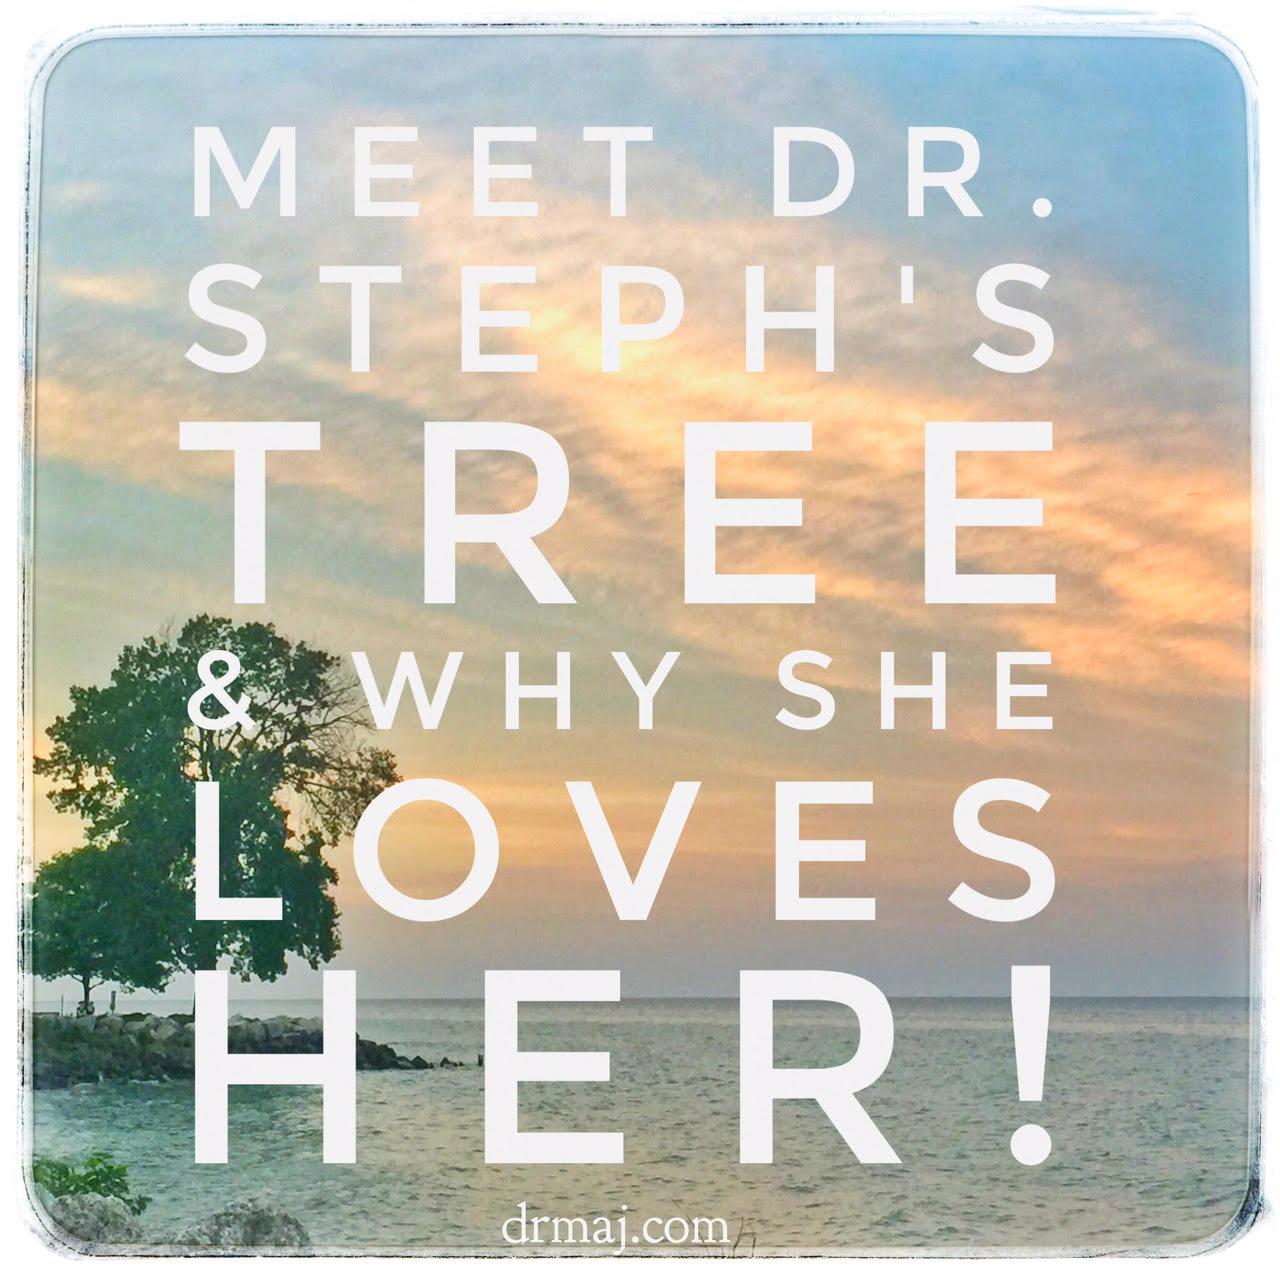 Dr-Stephs-Tree